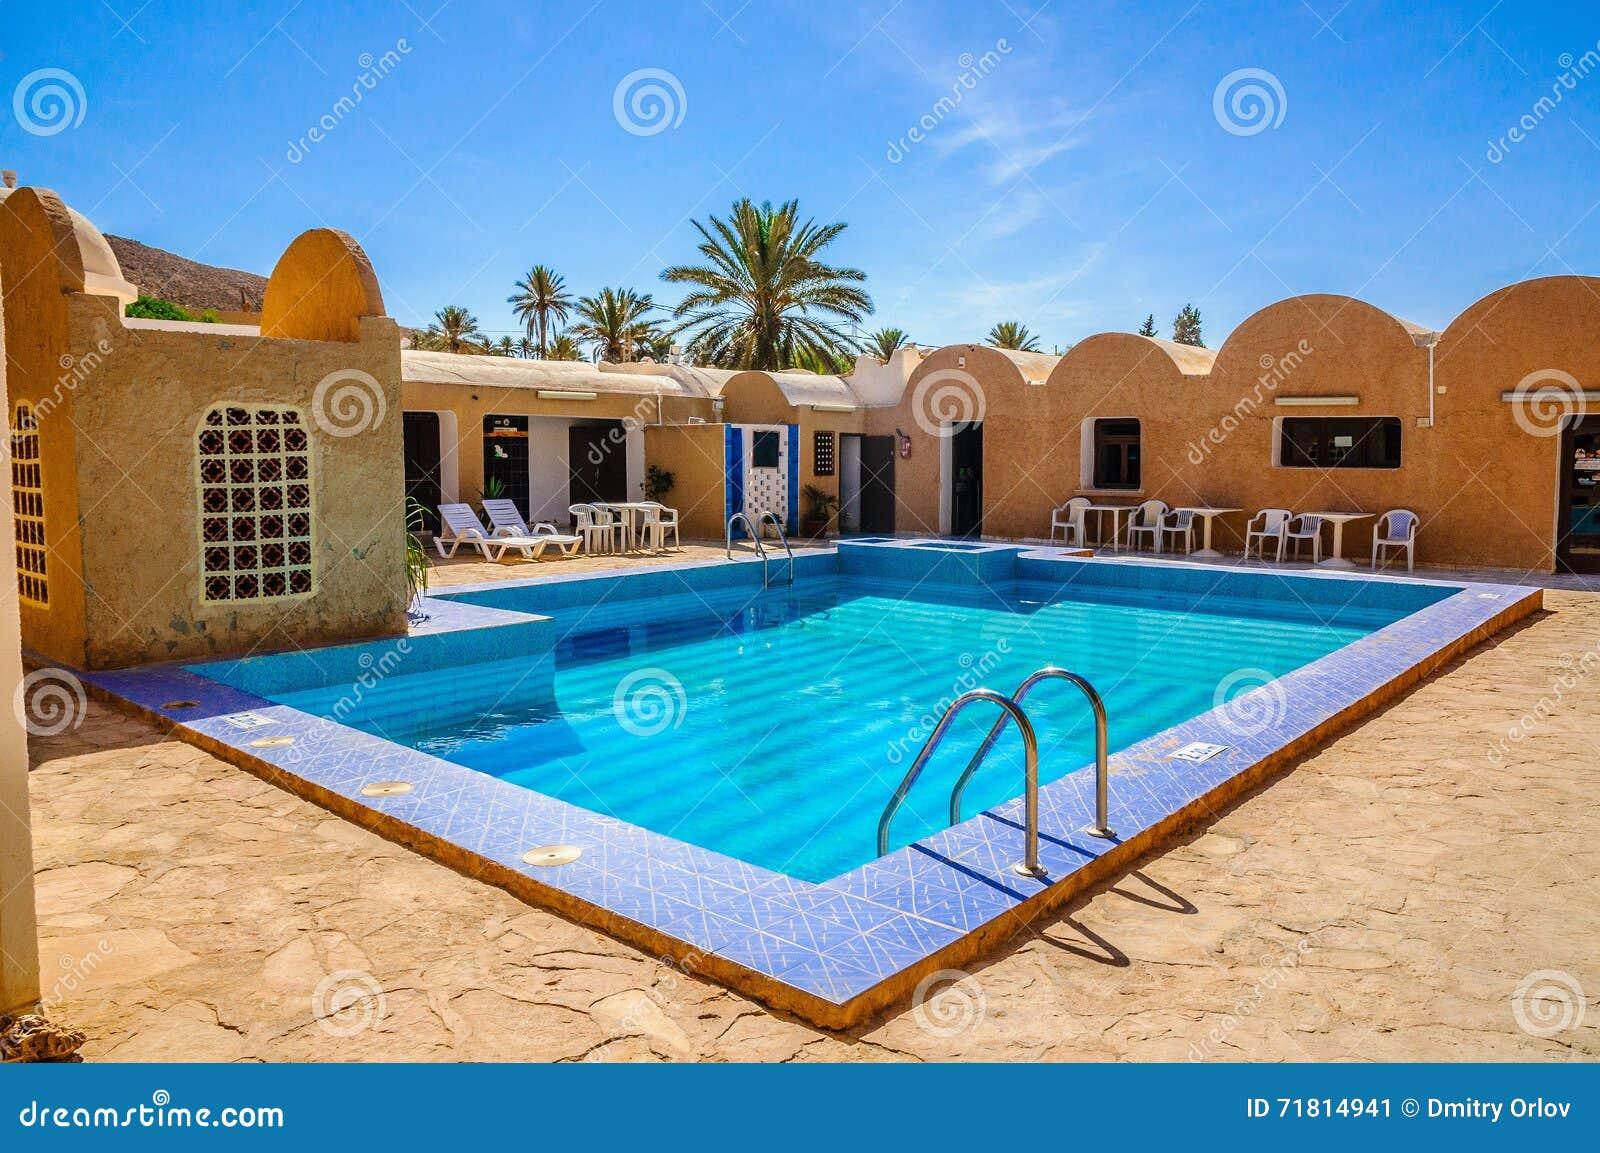 Piscina azul fresca en el hotel desierto del s hara for Piscinas norte